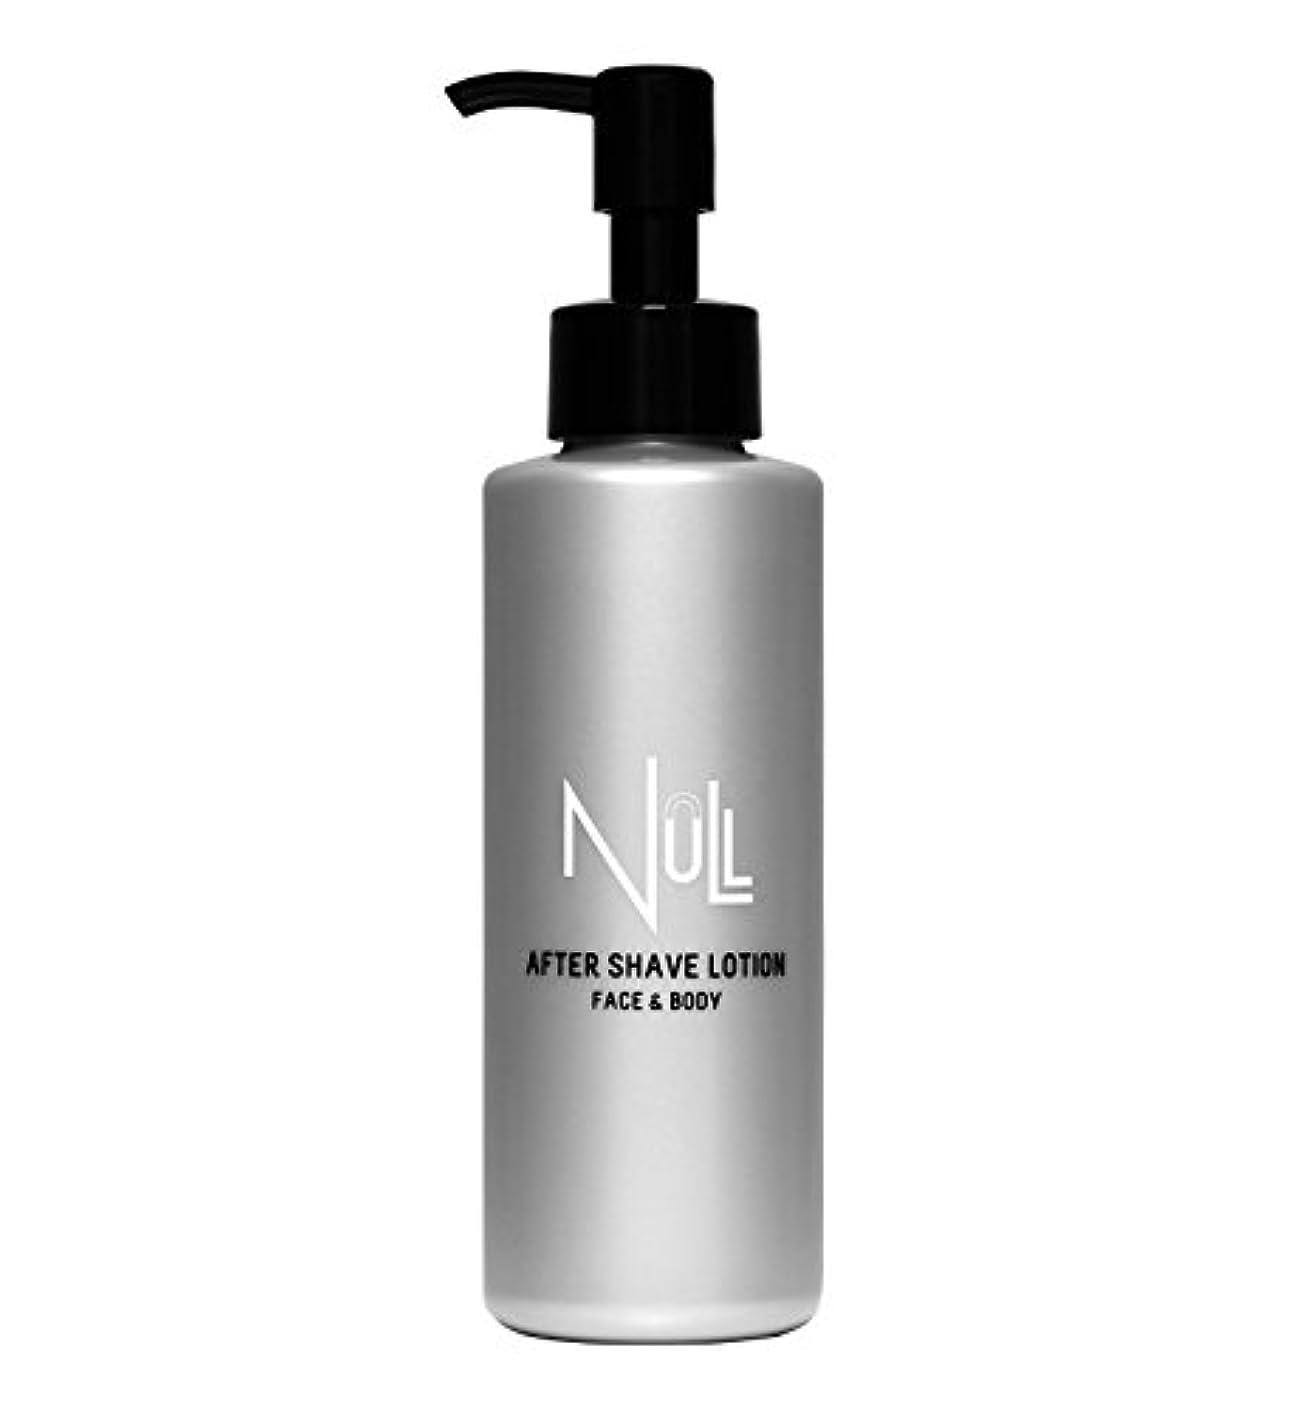 権利を与える流星戦争NULL アフターシェーブローション 化粧水 150ml 【メンズ】除毛やヒゲ剃りのアフターケアに